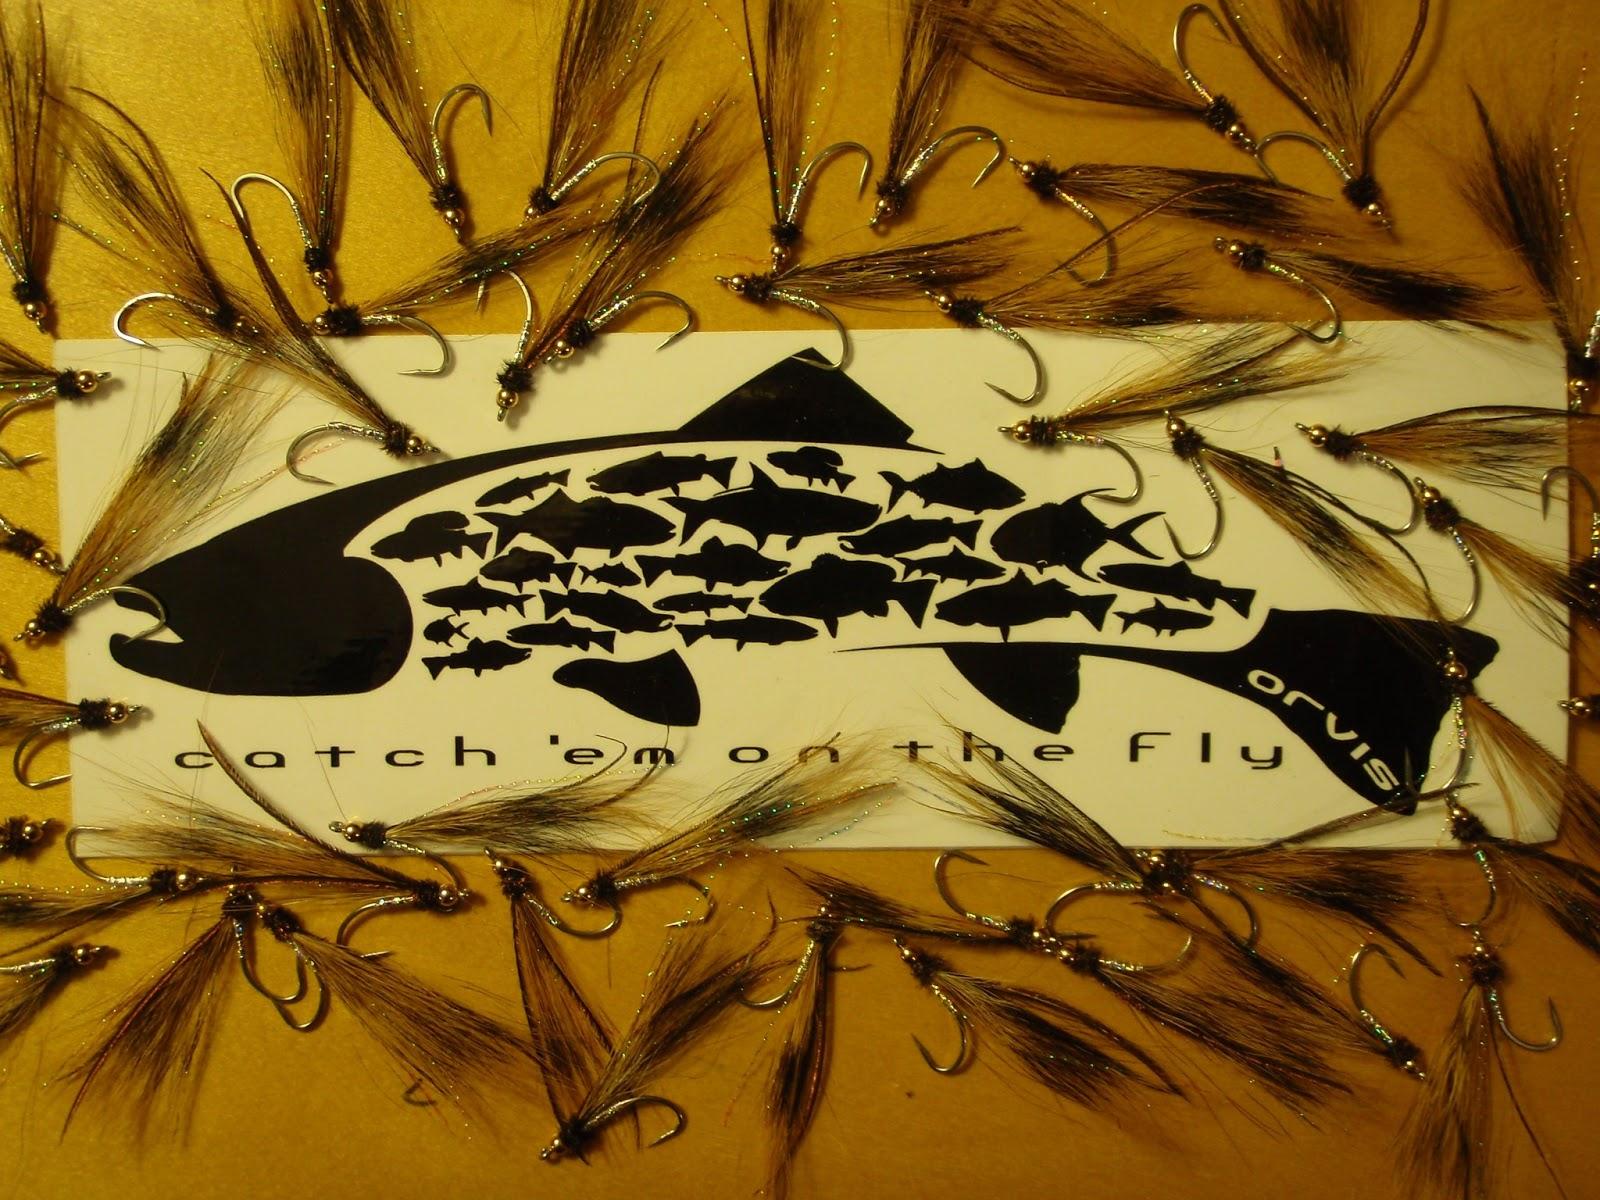 Orvis Fly Fishing Wallpaper